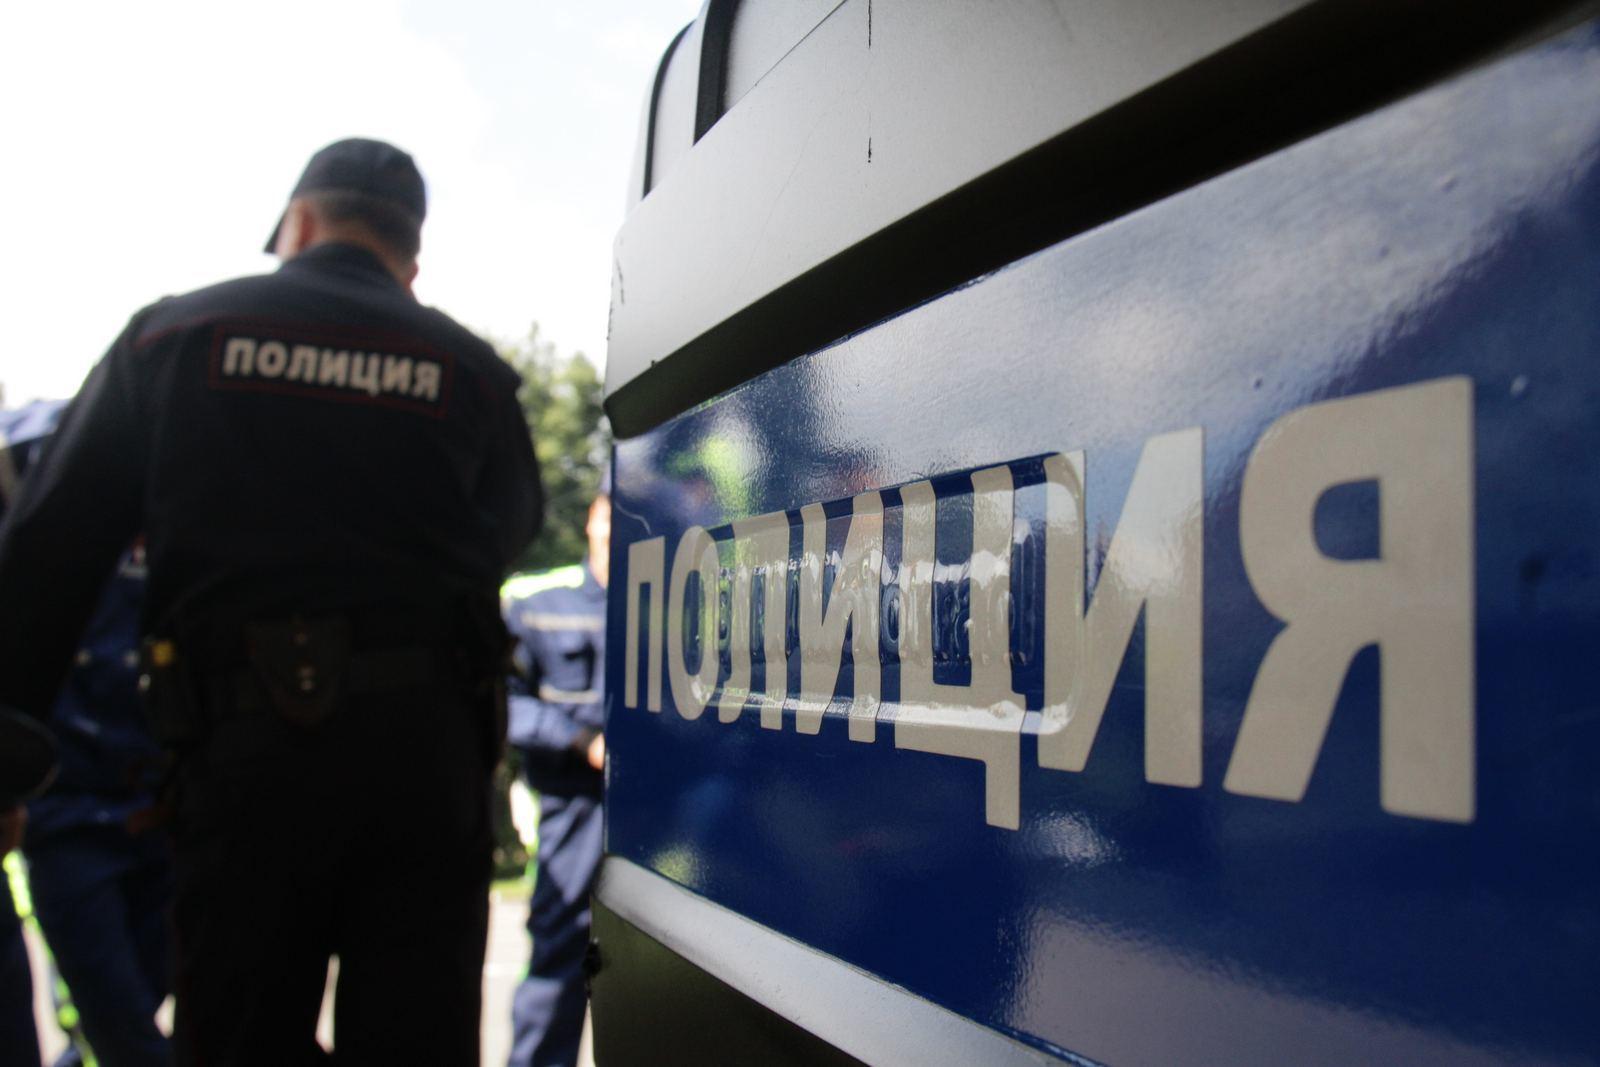 Полицейские УВД по ЮАО информируют об алгоритмах замены загранпаспорта через госуслуги